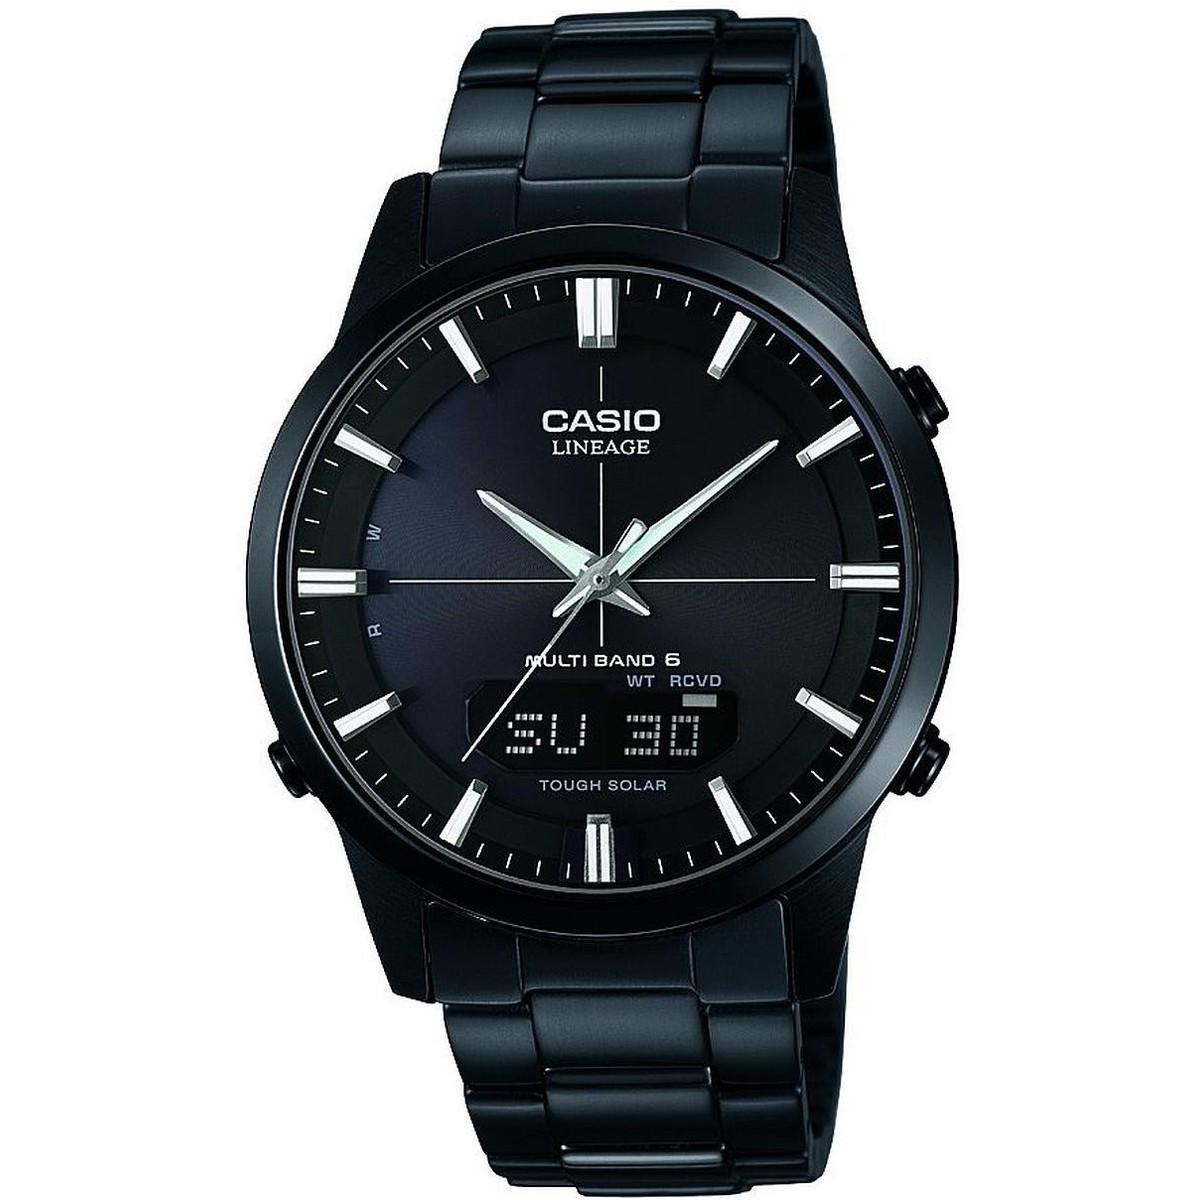 Ceas barbatesc Casio Lineage LCW-M170DB-1AER de mana original